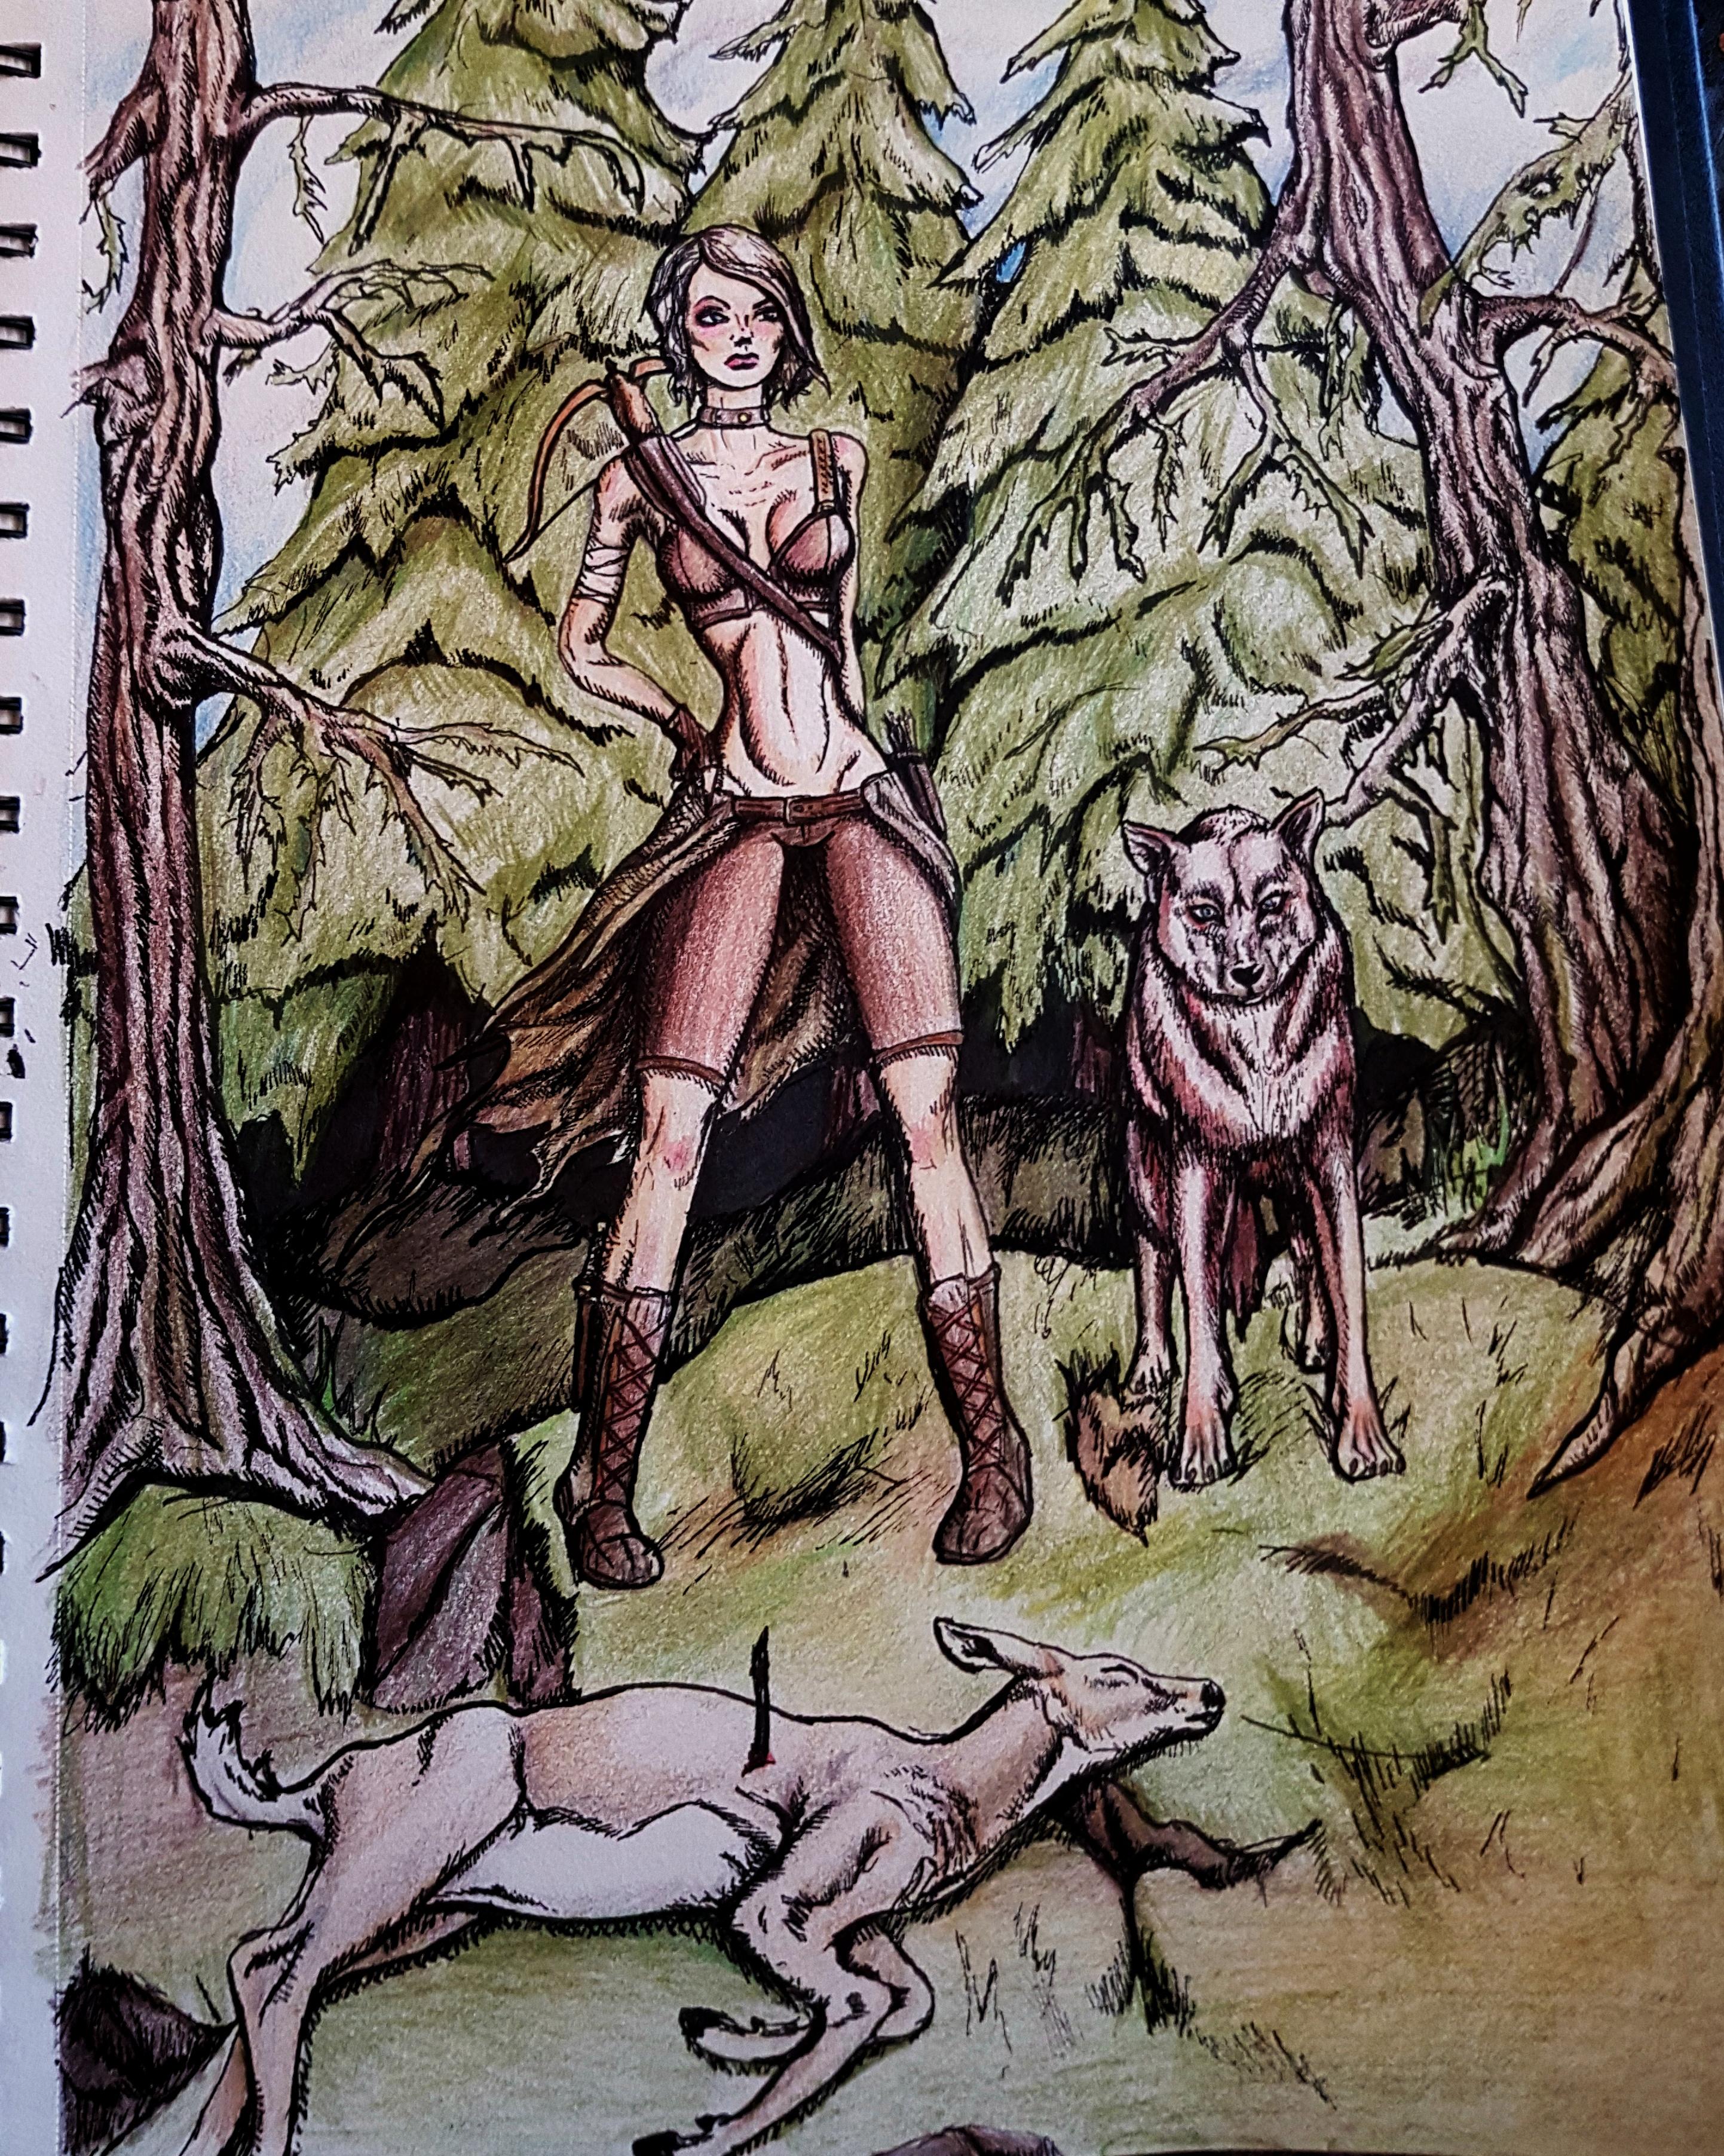 hunter n wolfy wolf